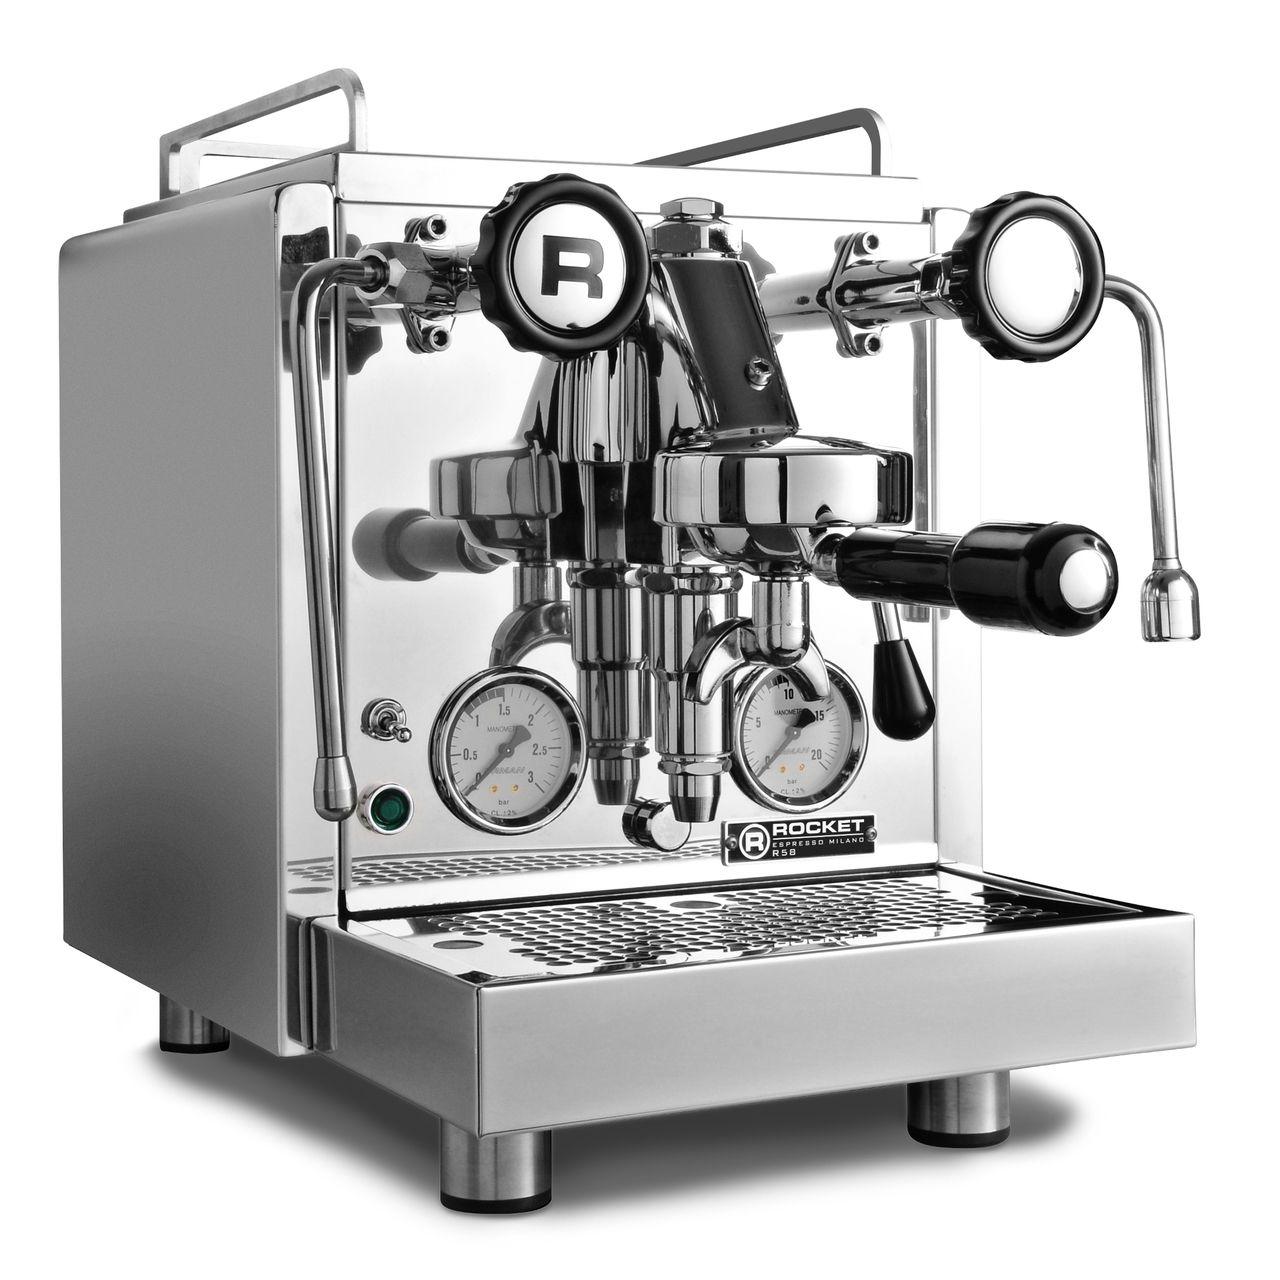 Captivating Rocket Espresso Milano R58 V2 Dual Boiler Espresso Machine